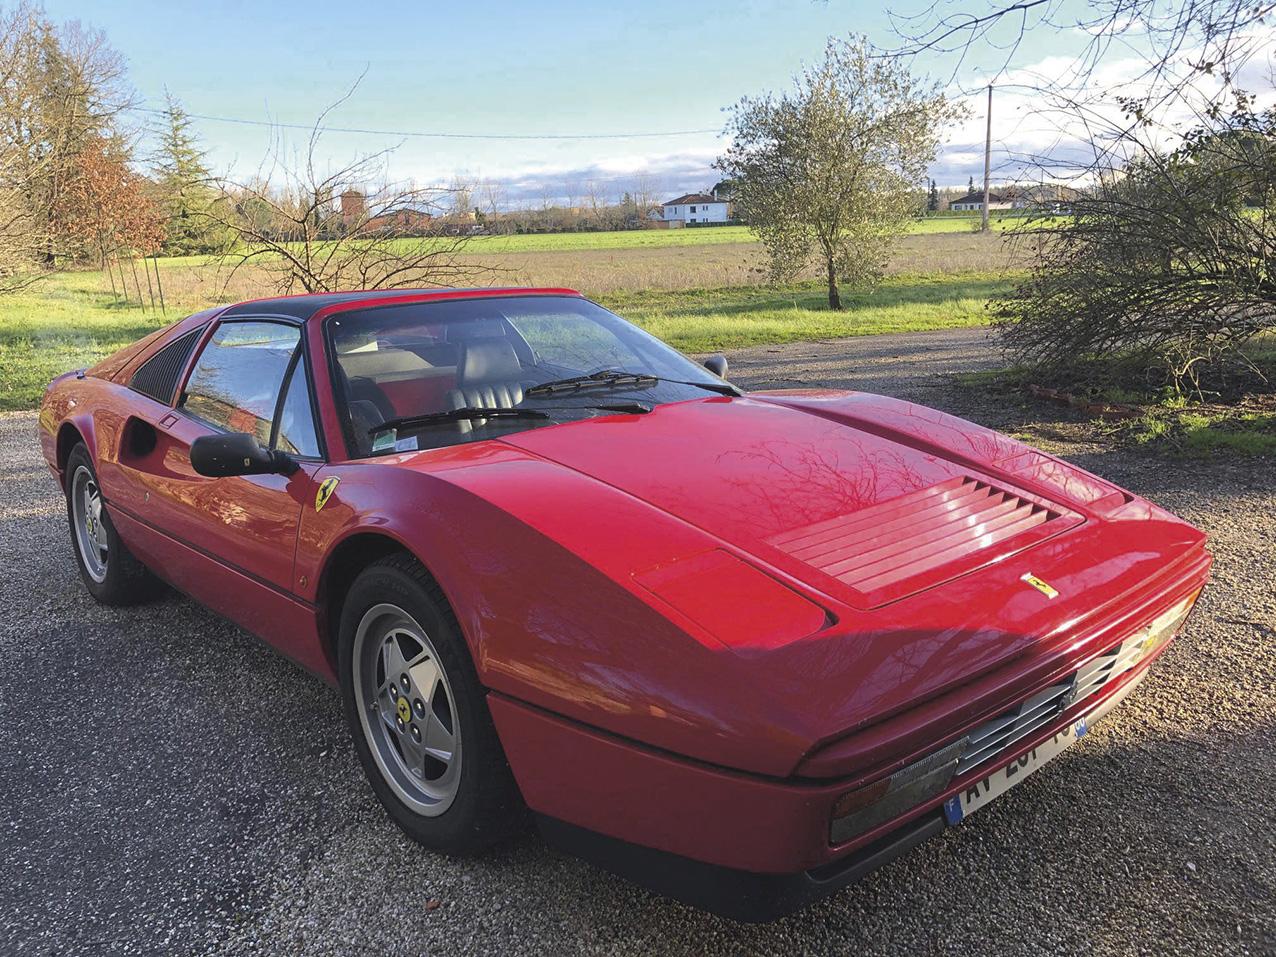 x80000/100000€ seront attendus pour cette Ferrari 328GTS de 1989. Ce modèle est en réalité une évolution de la 308 sortie en 1975, qui